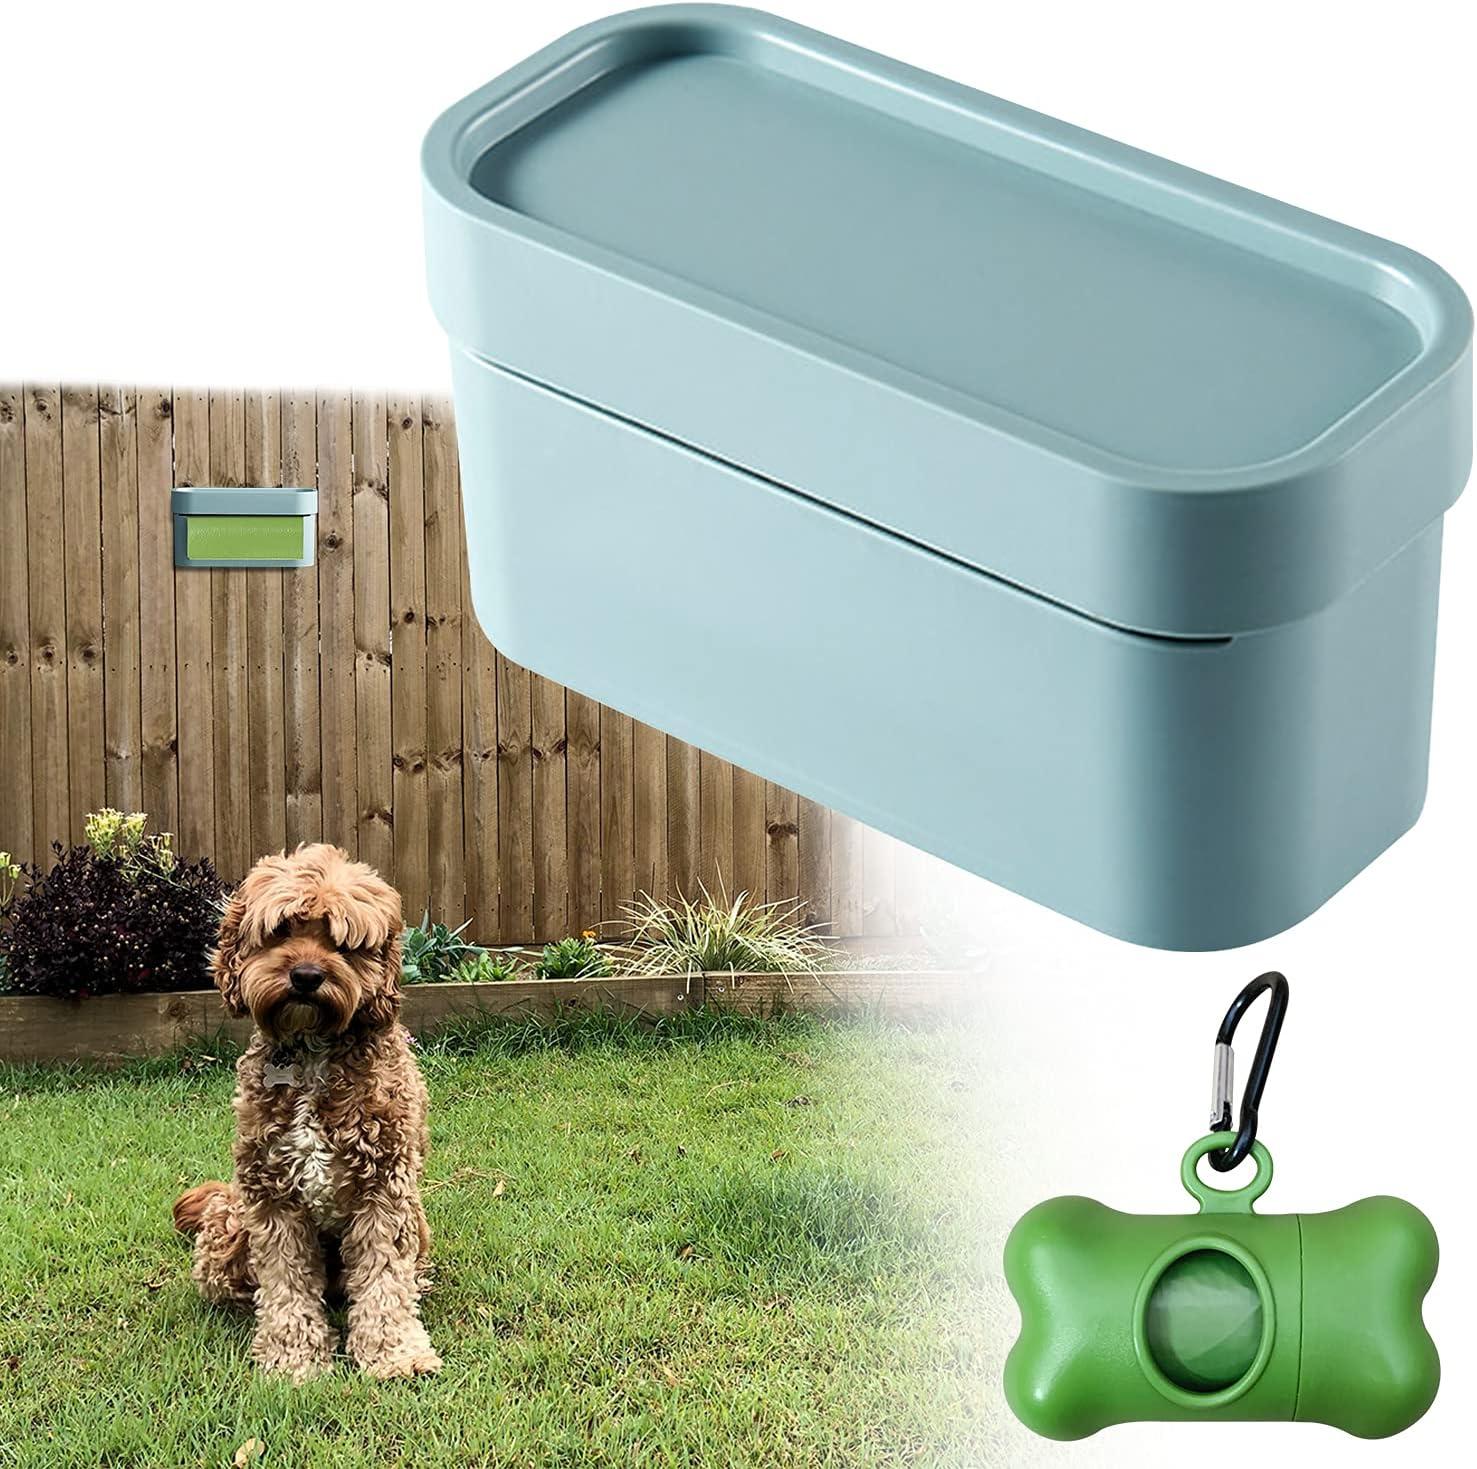 KCLROEO 2pcs/Set Dog Poop Bag Dispenser Wall Mount.Outdoor Doggy/Dog Poop Bags Holder and Storage Station.ABS Pet Waste Bag Holder For Yard Garden Fence & Indoor